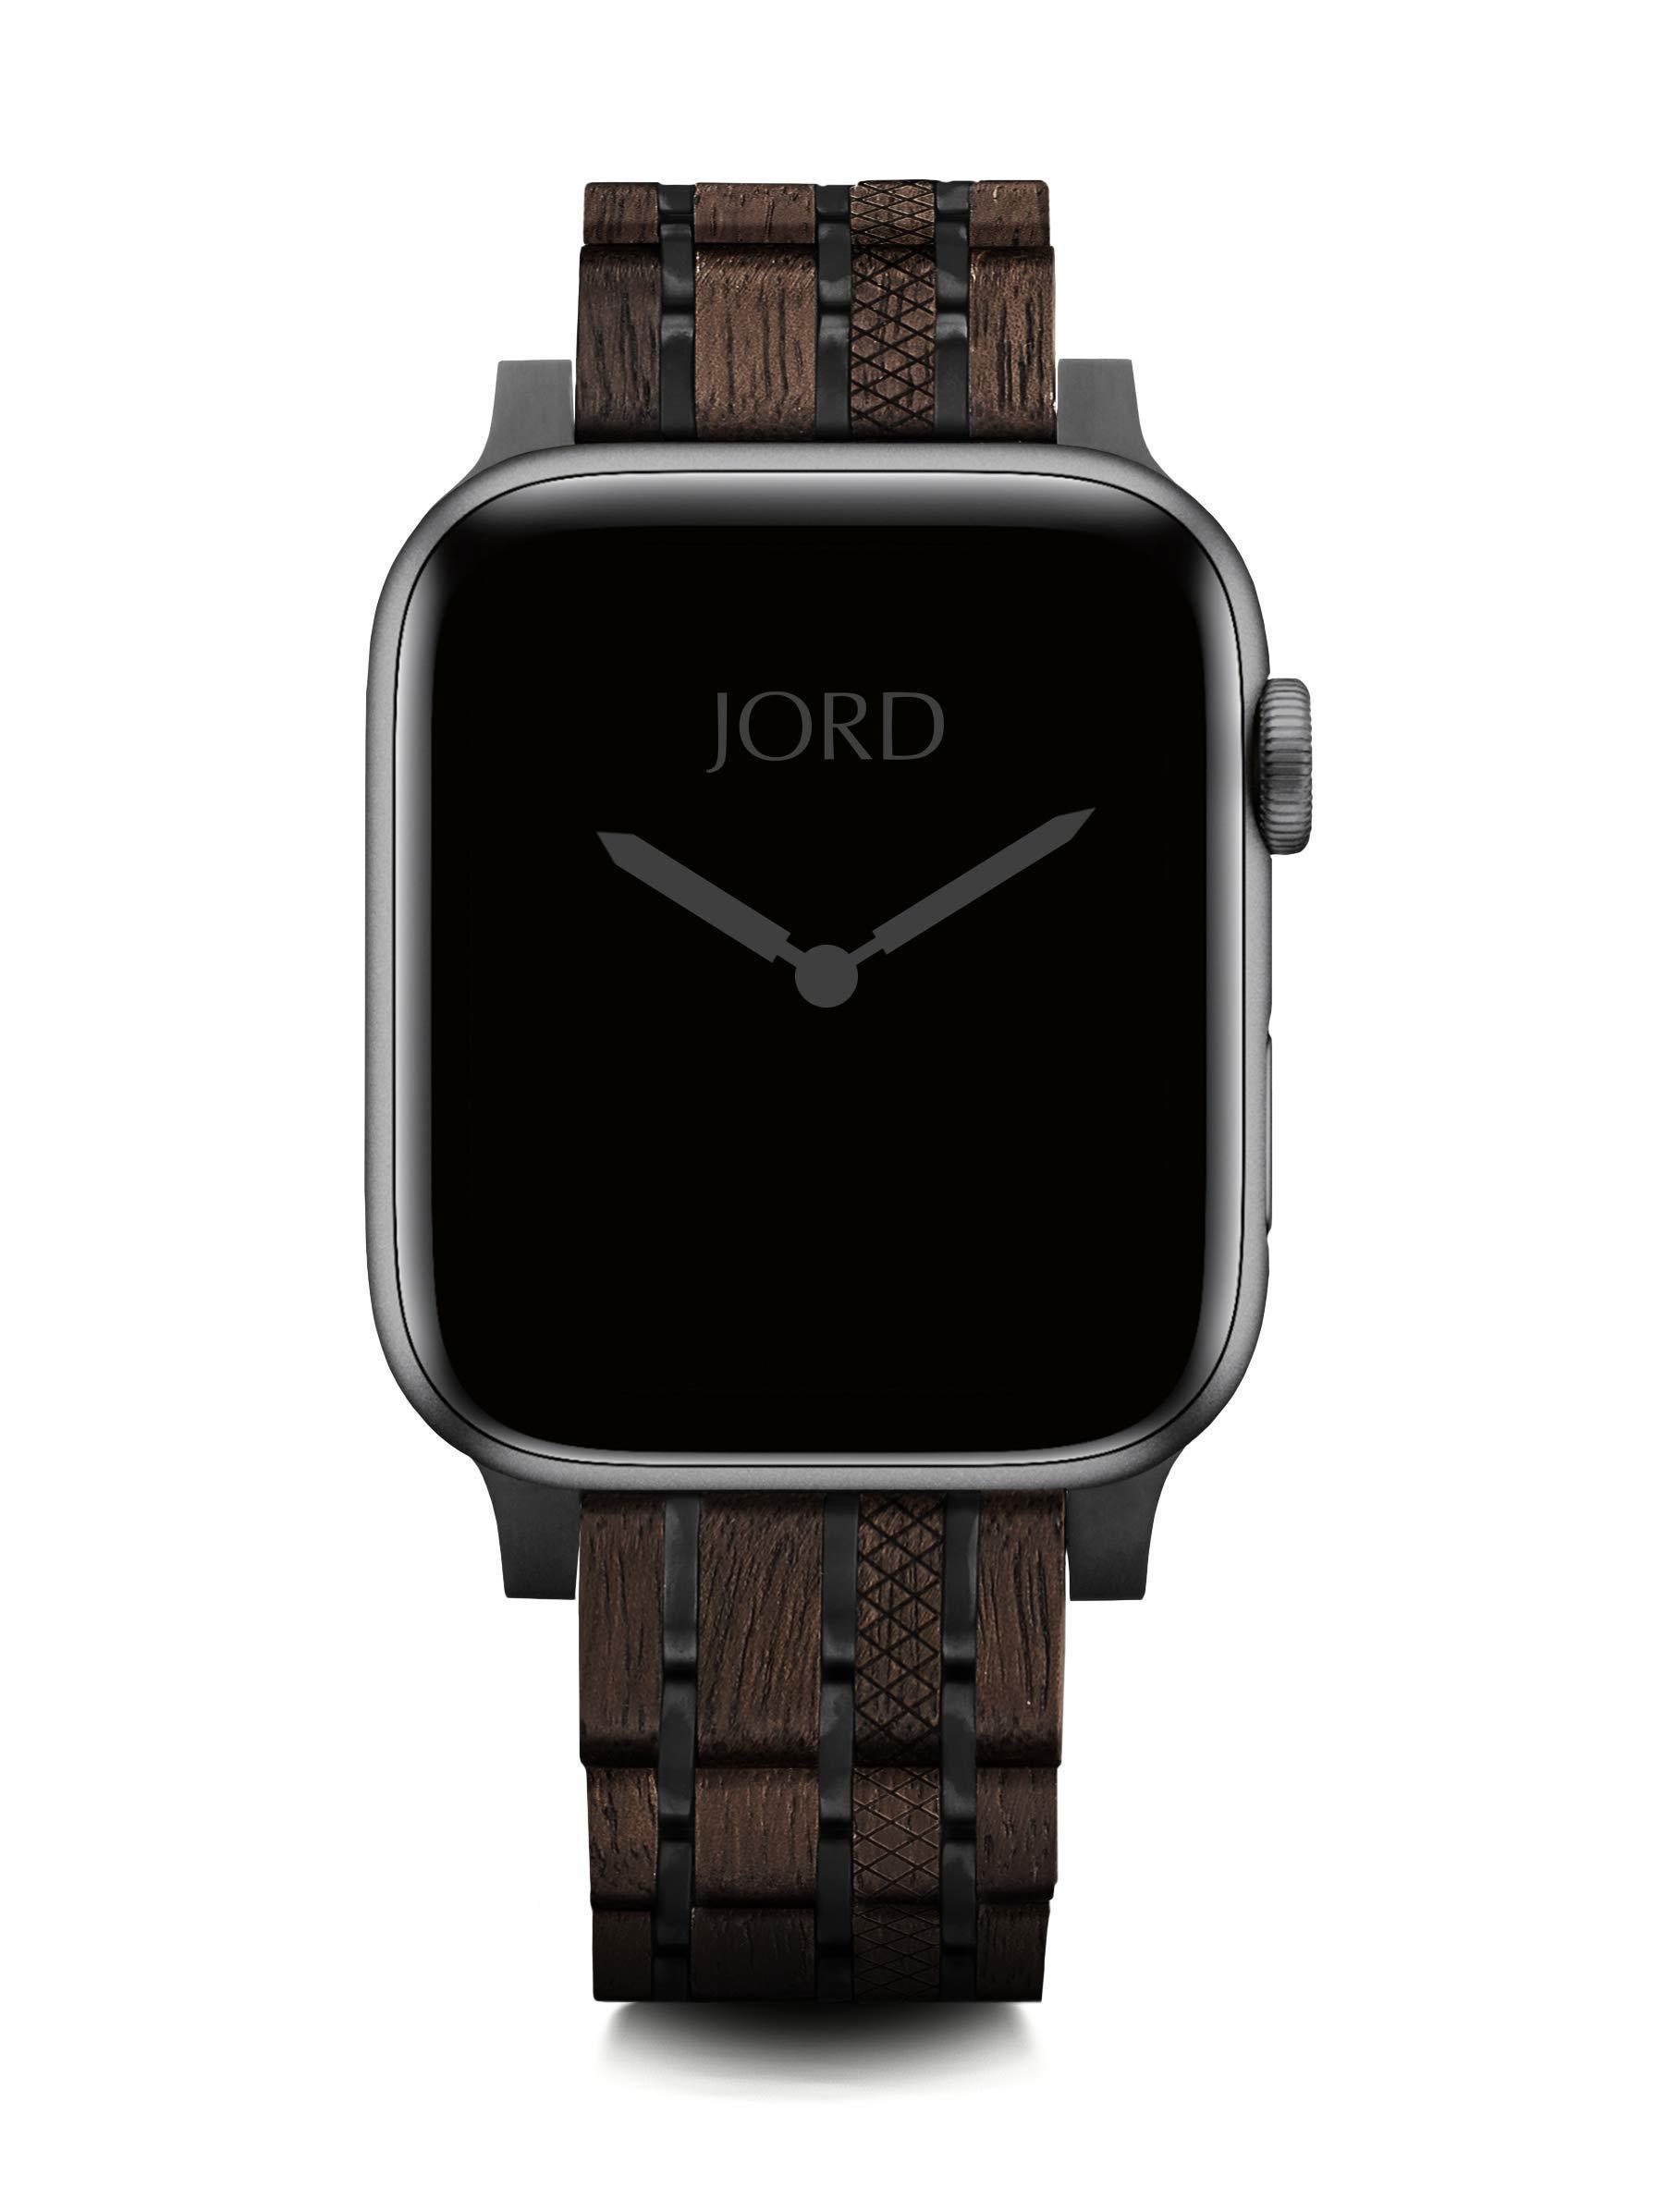 JORD Compatible Apple Watch Band 42mm/44mm - 100% Natural Koa Band